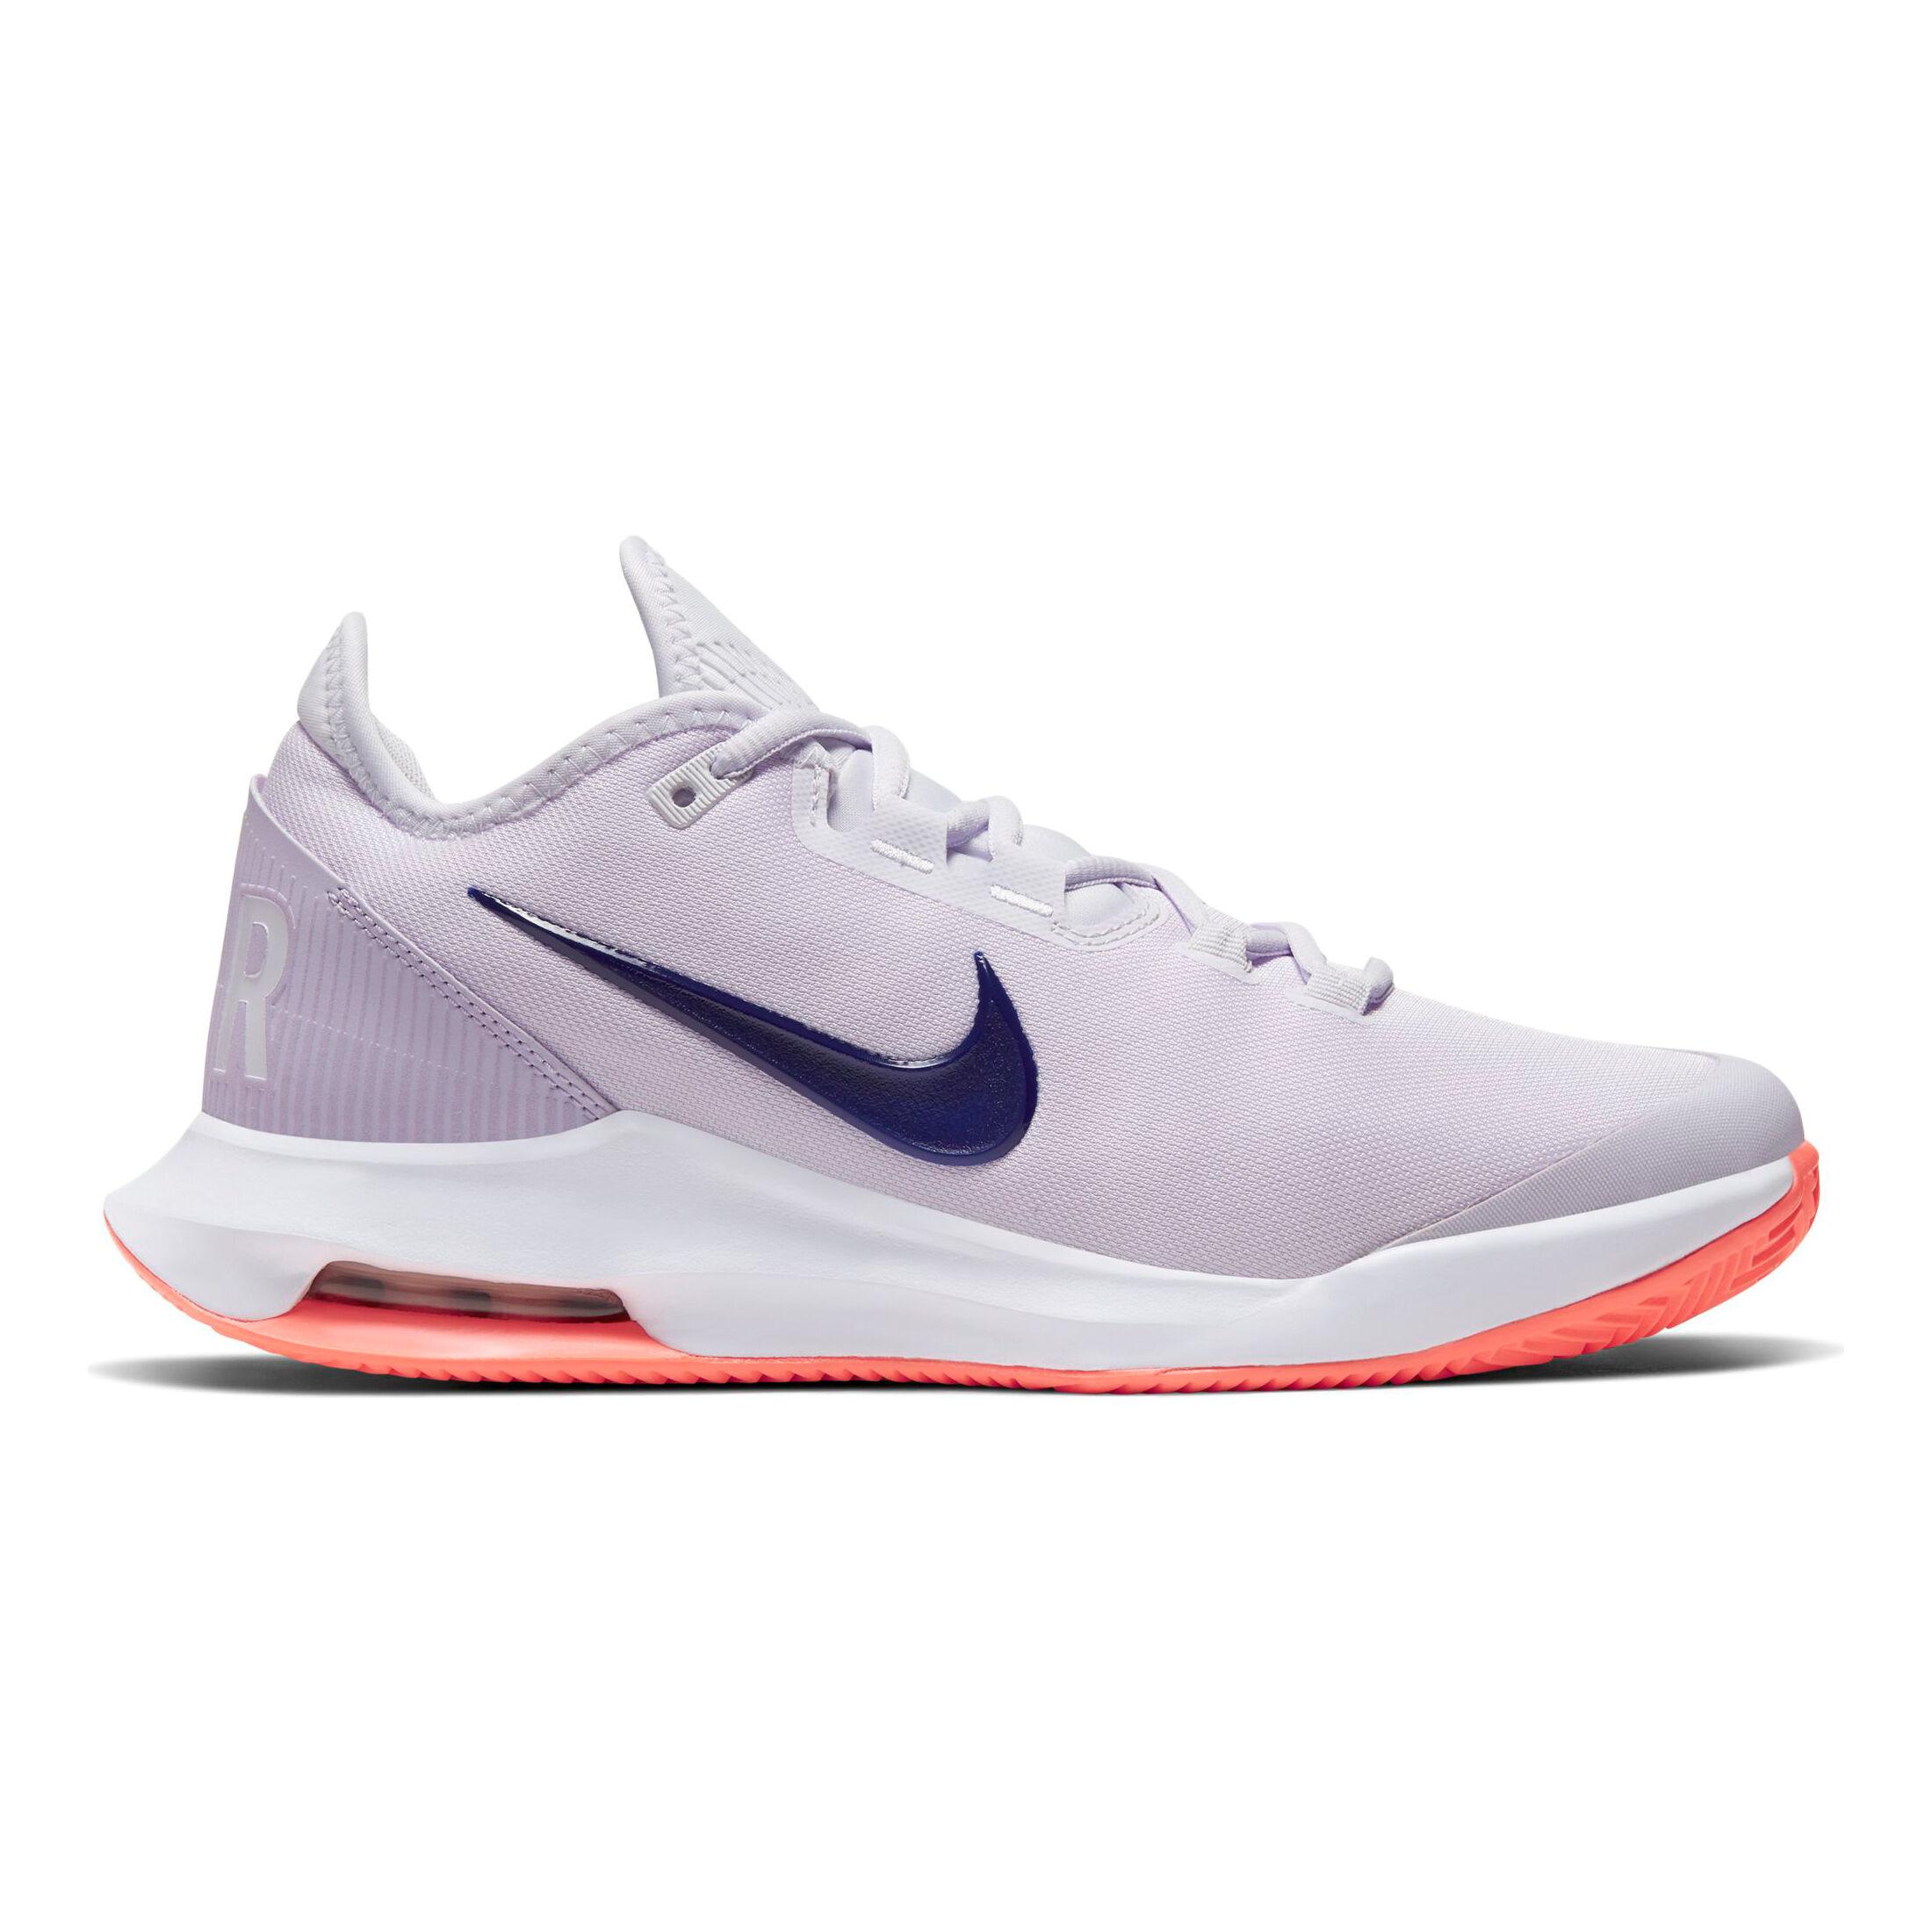 Nike Air Zoom Ultra Tæppesko Herrer Hvid, Sort køb online